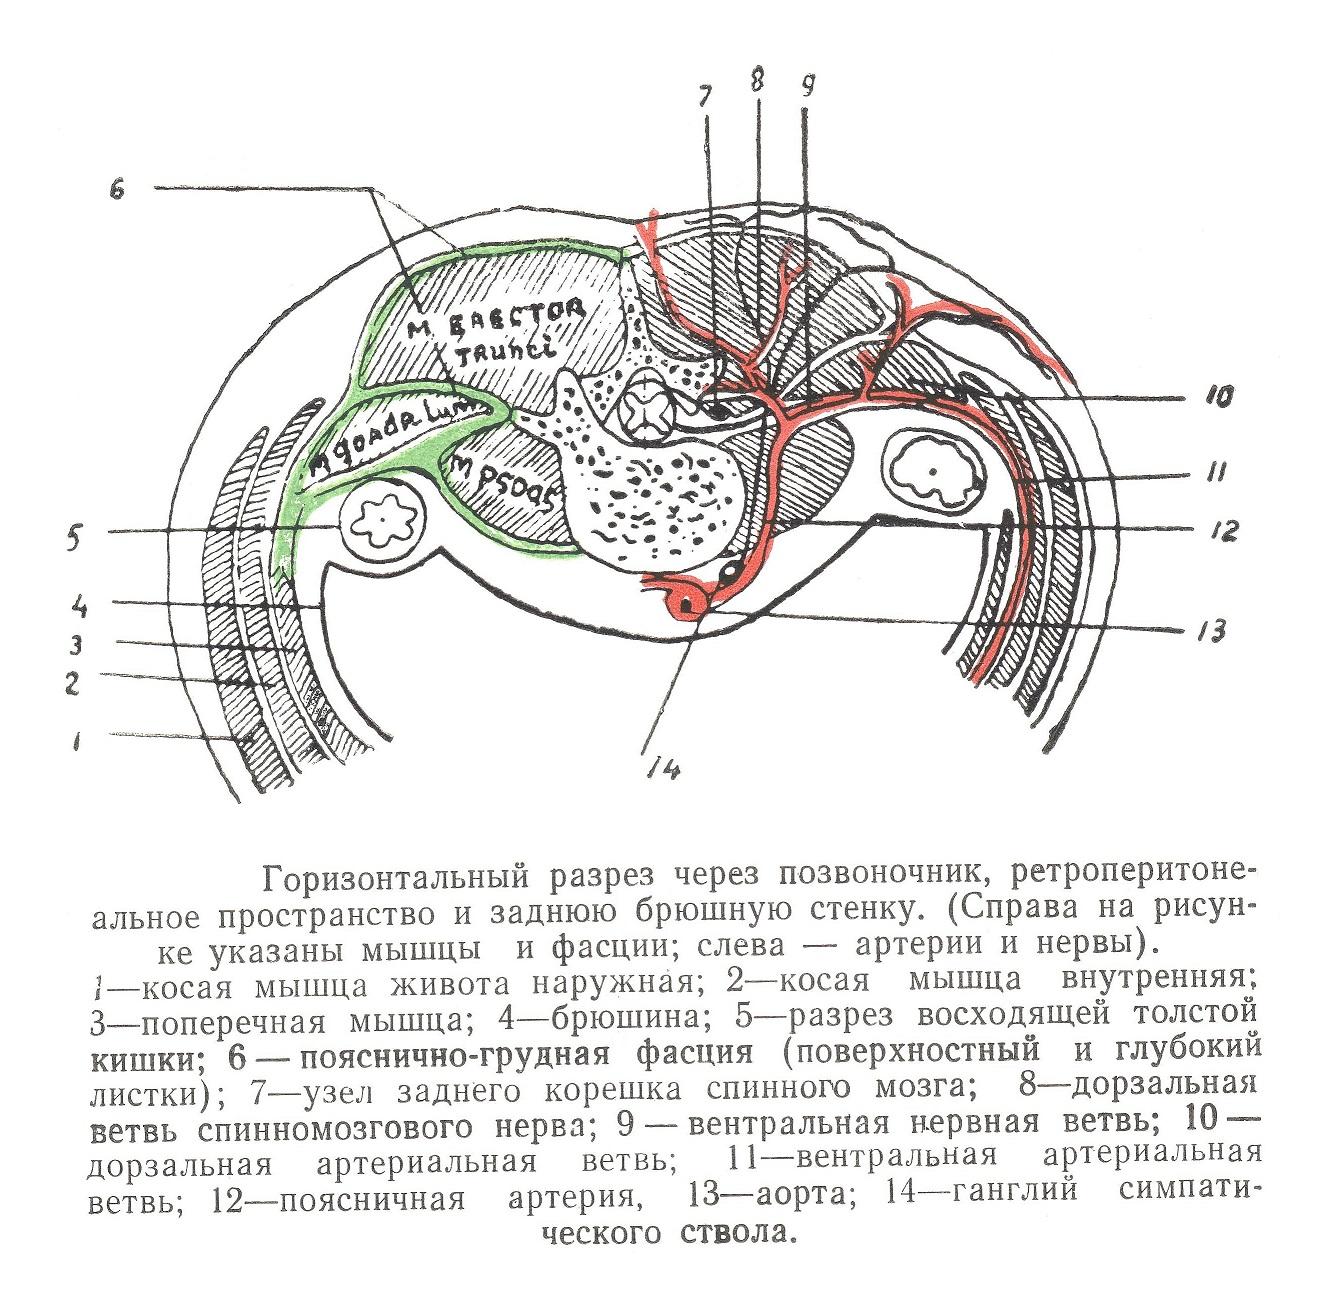 Горизонтальный разрез через позвоночник